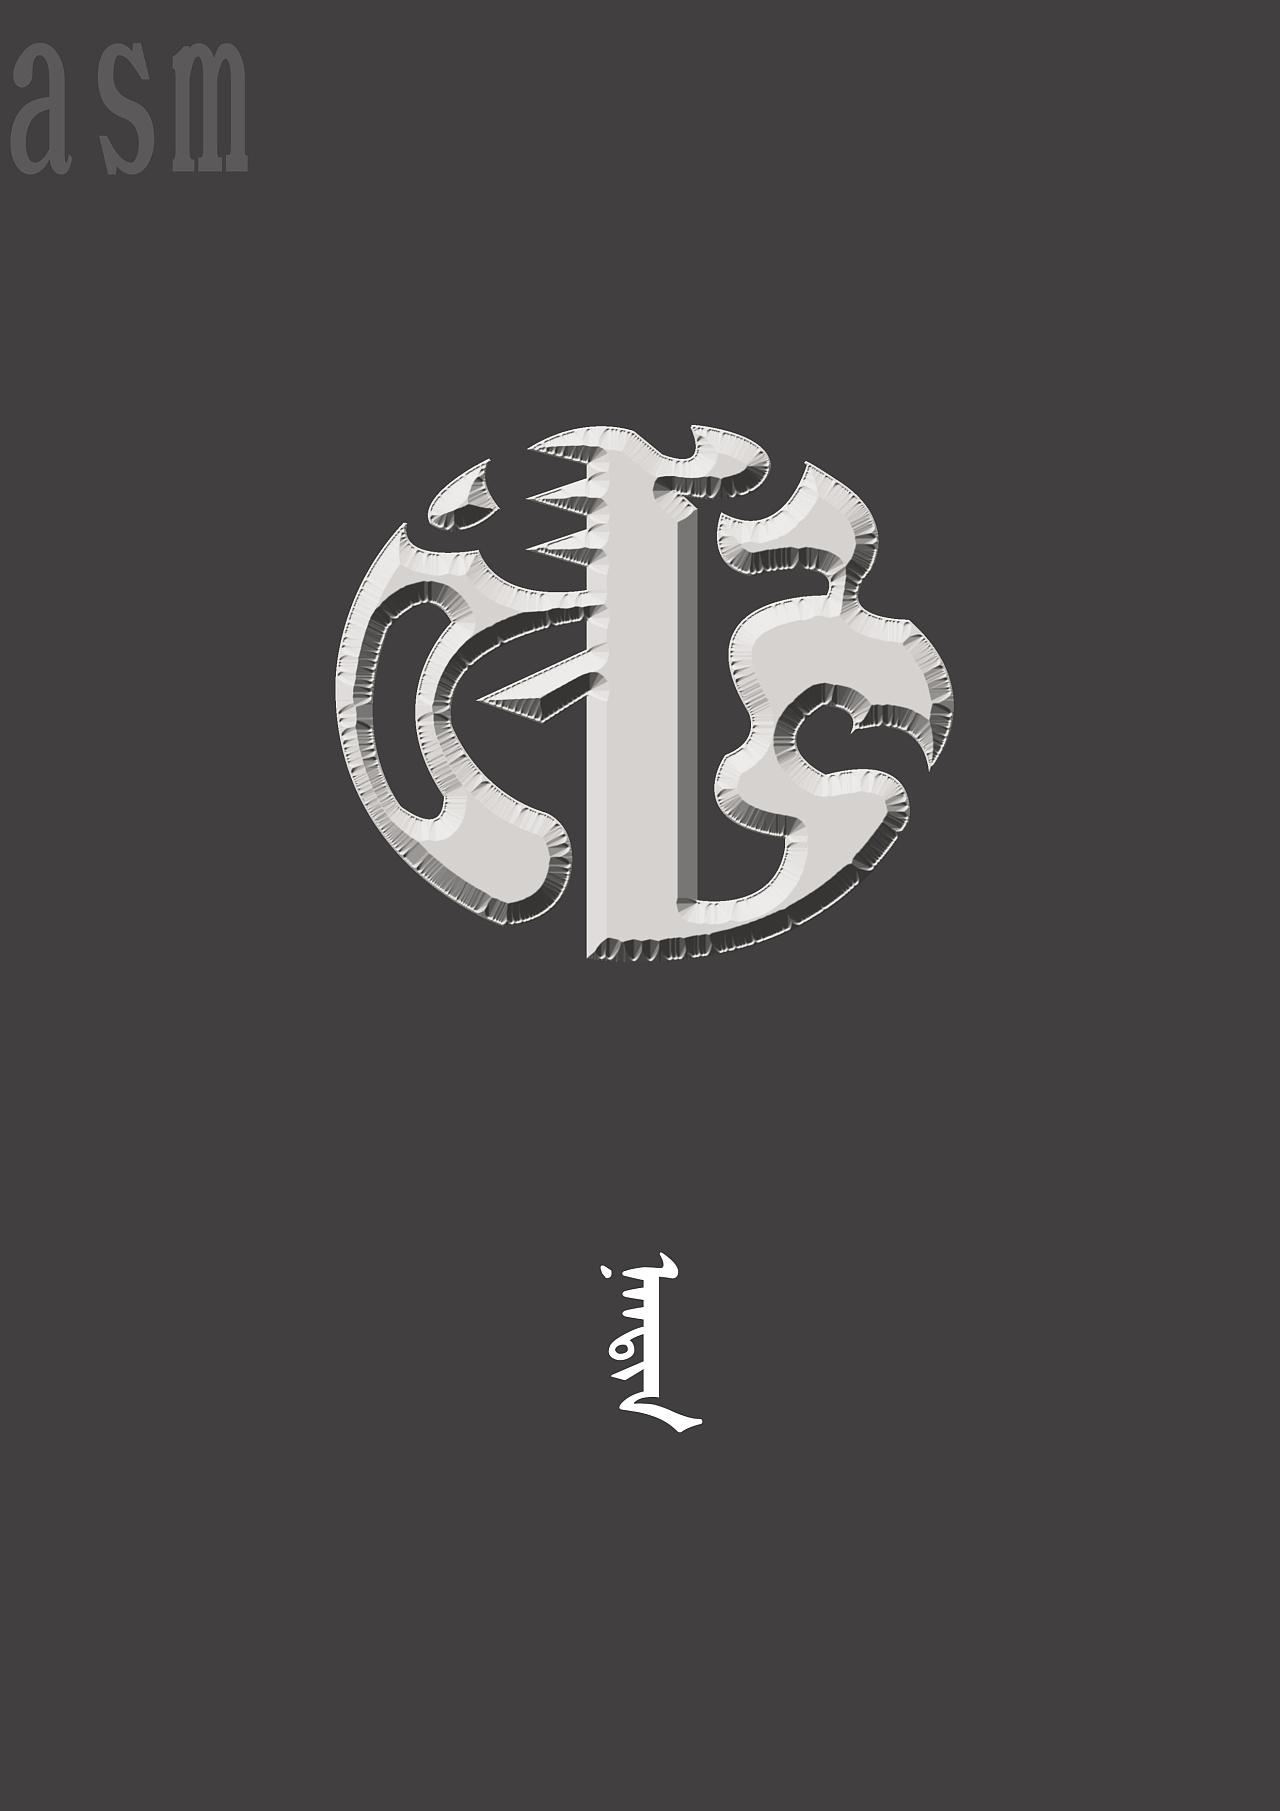 蒙古艺术文字3 -阿斯玛设计 第10张 蒙古艺术文字3 -阿斯玛设计 蒙古设计